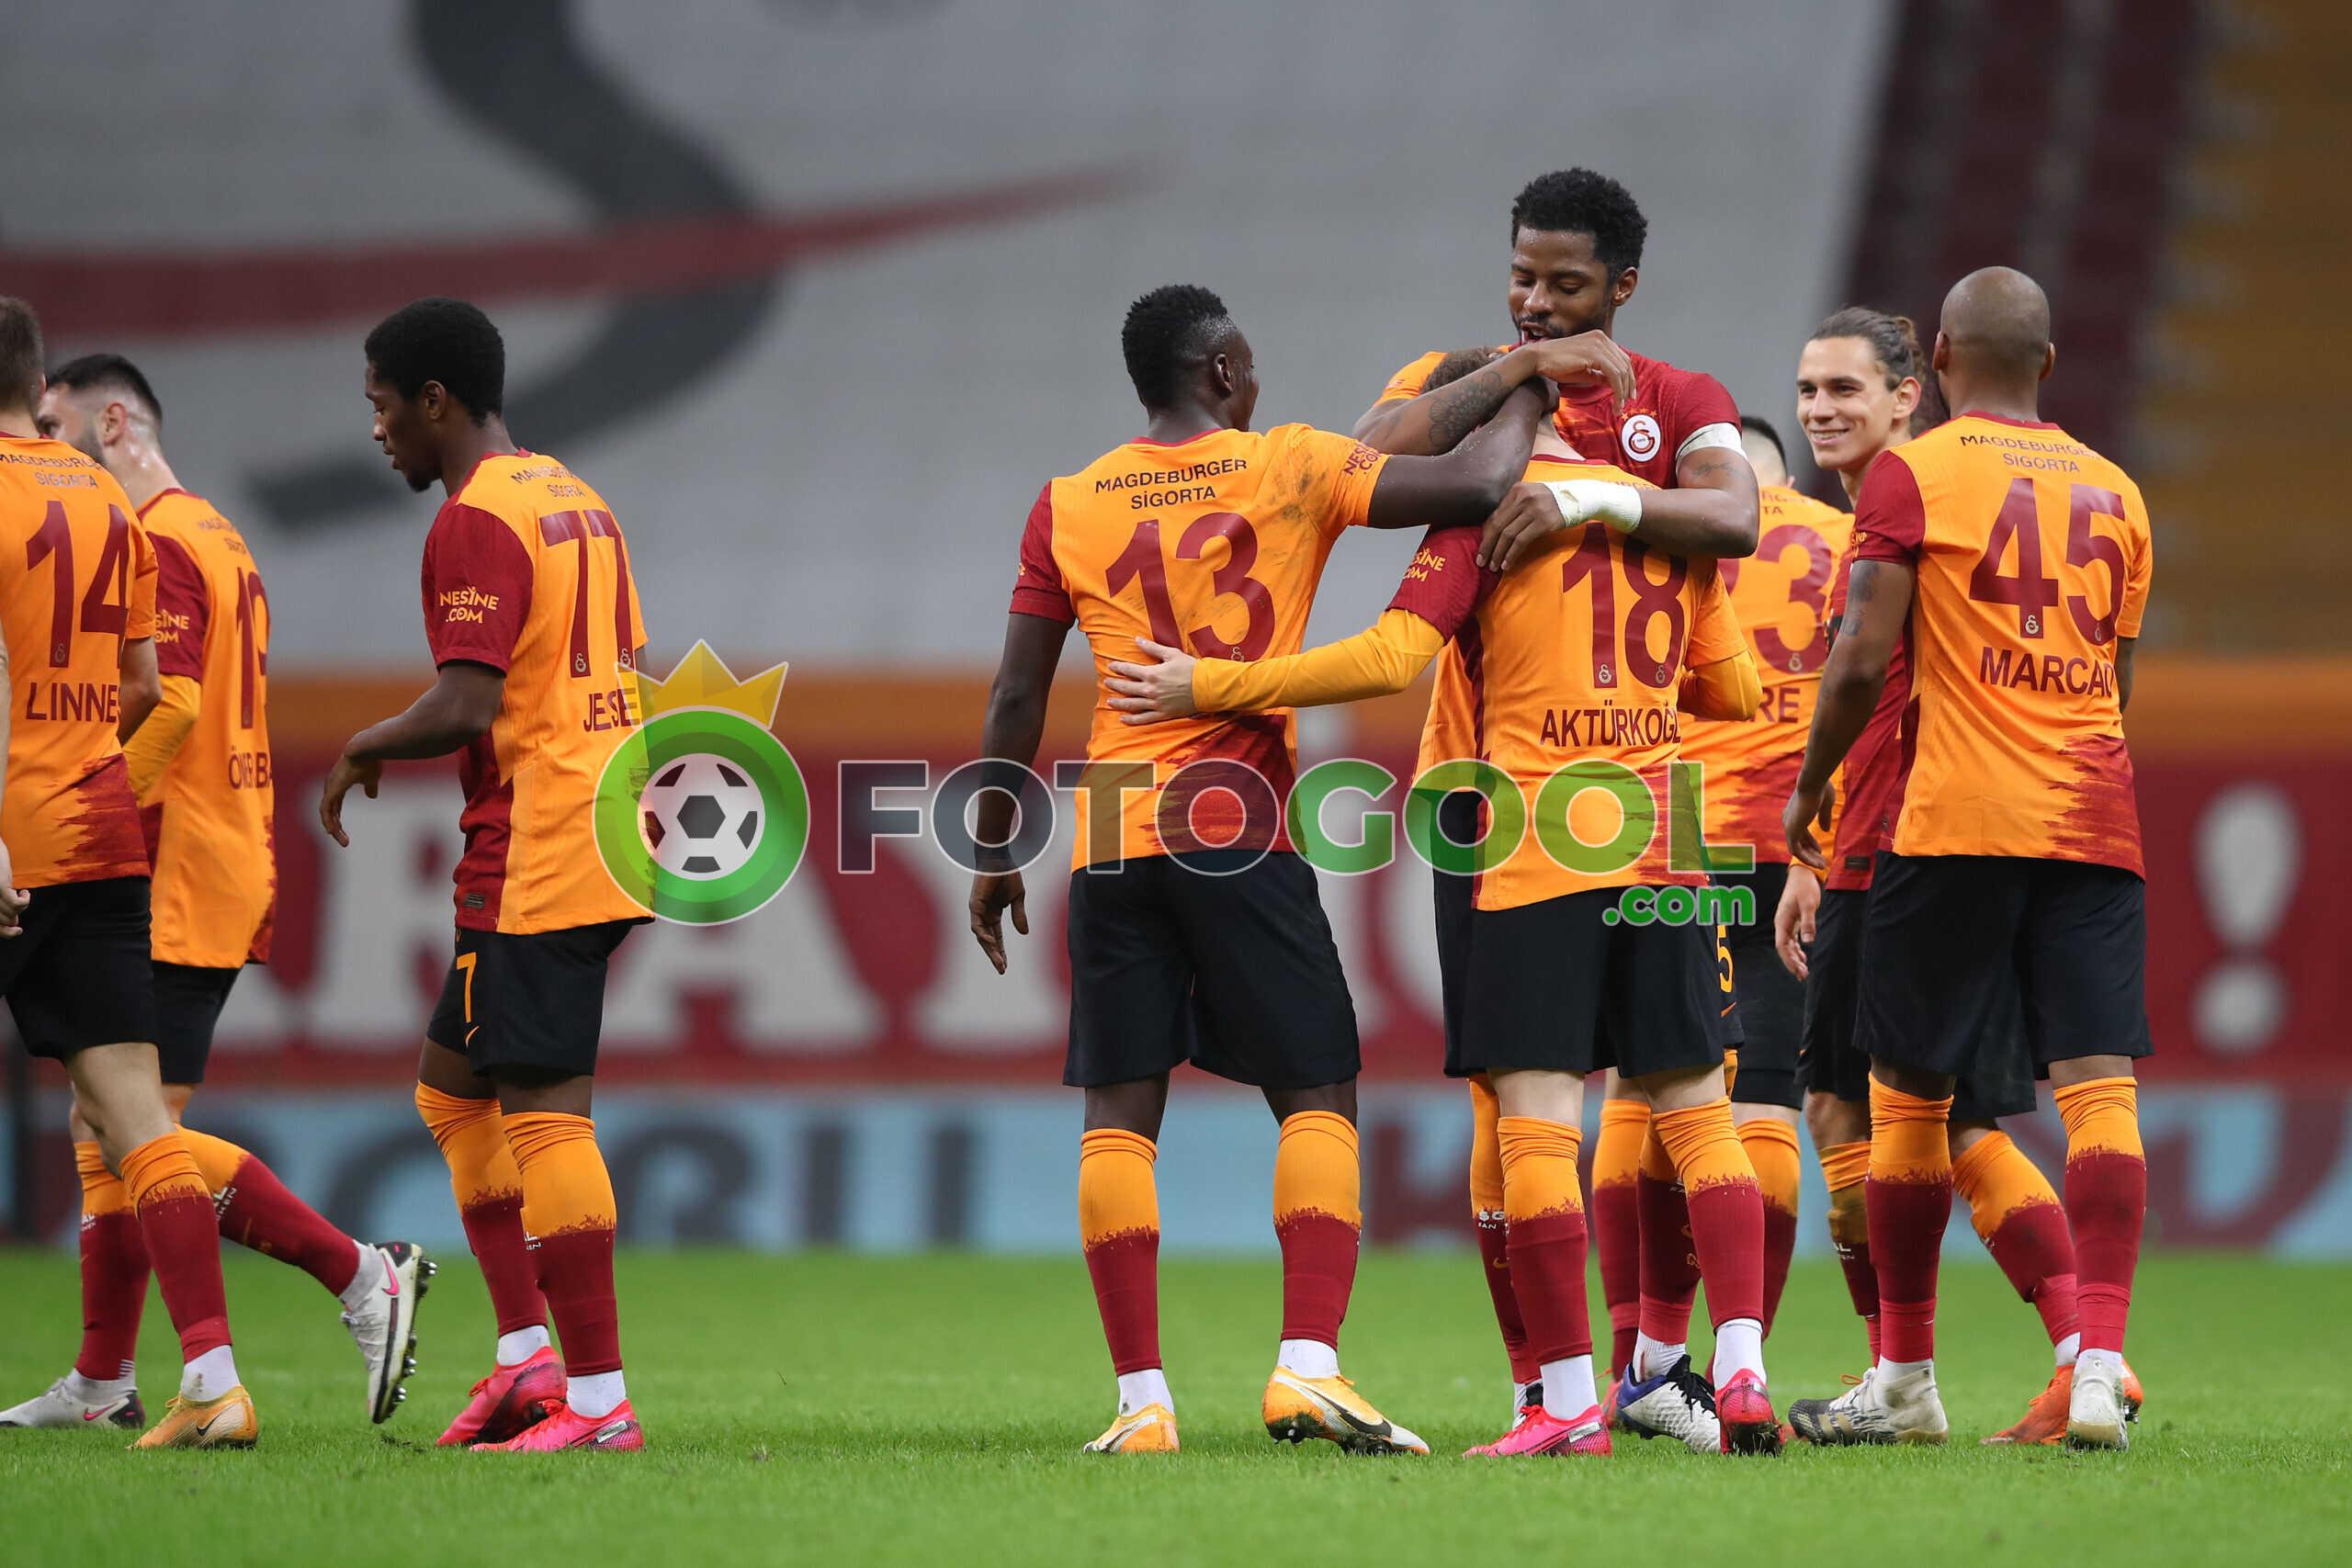 Galatasaray bay öncesi moral buldu. 3-0